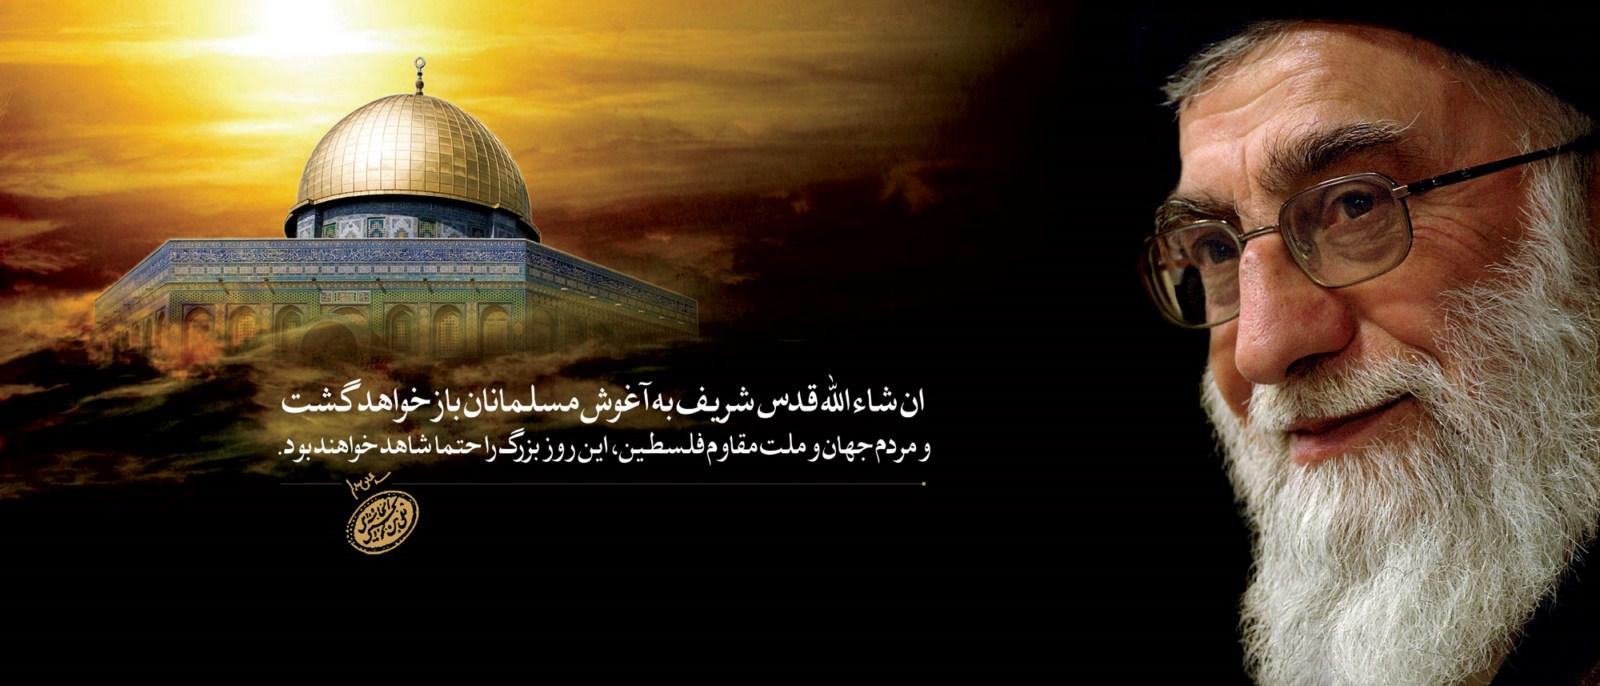 http://dl.aviny.com/Album/enqelabeslami/poster-agha/kamel/64.jpg